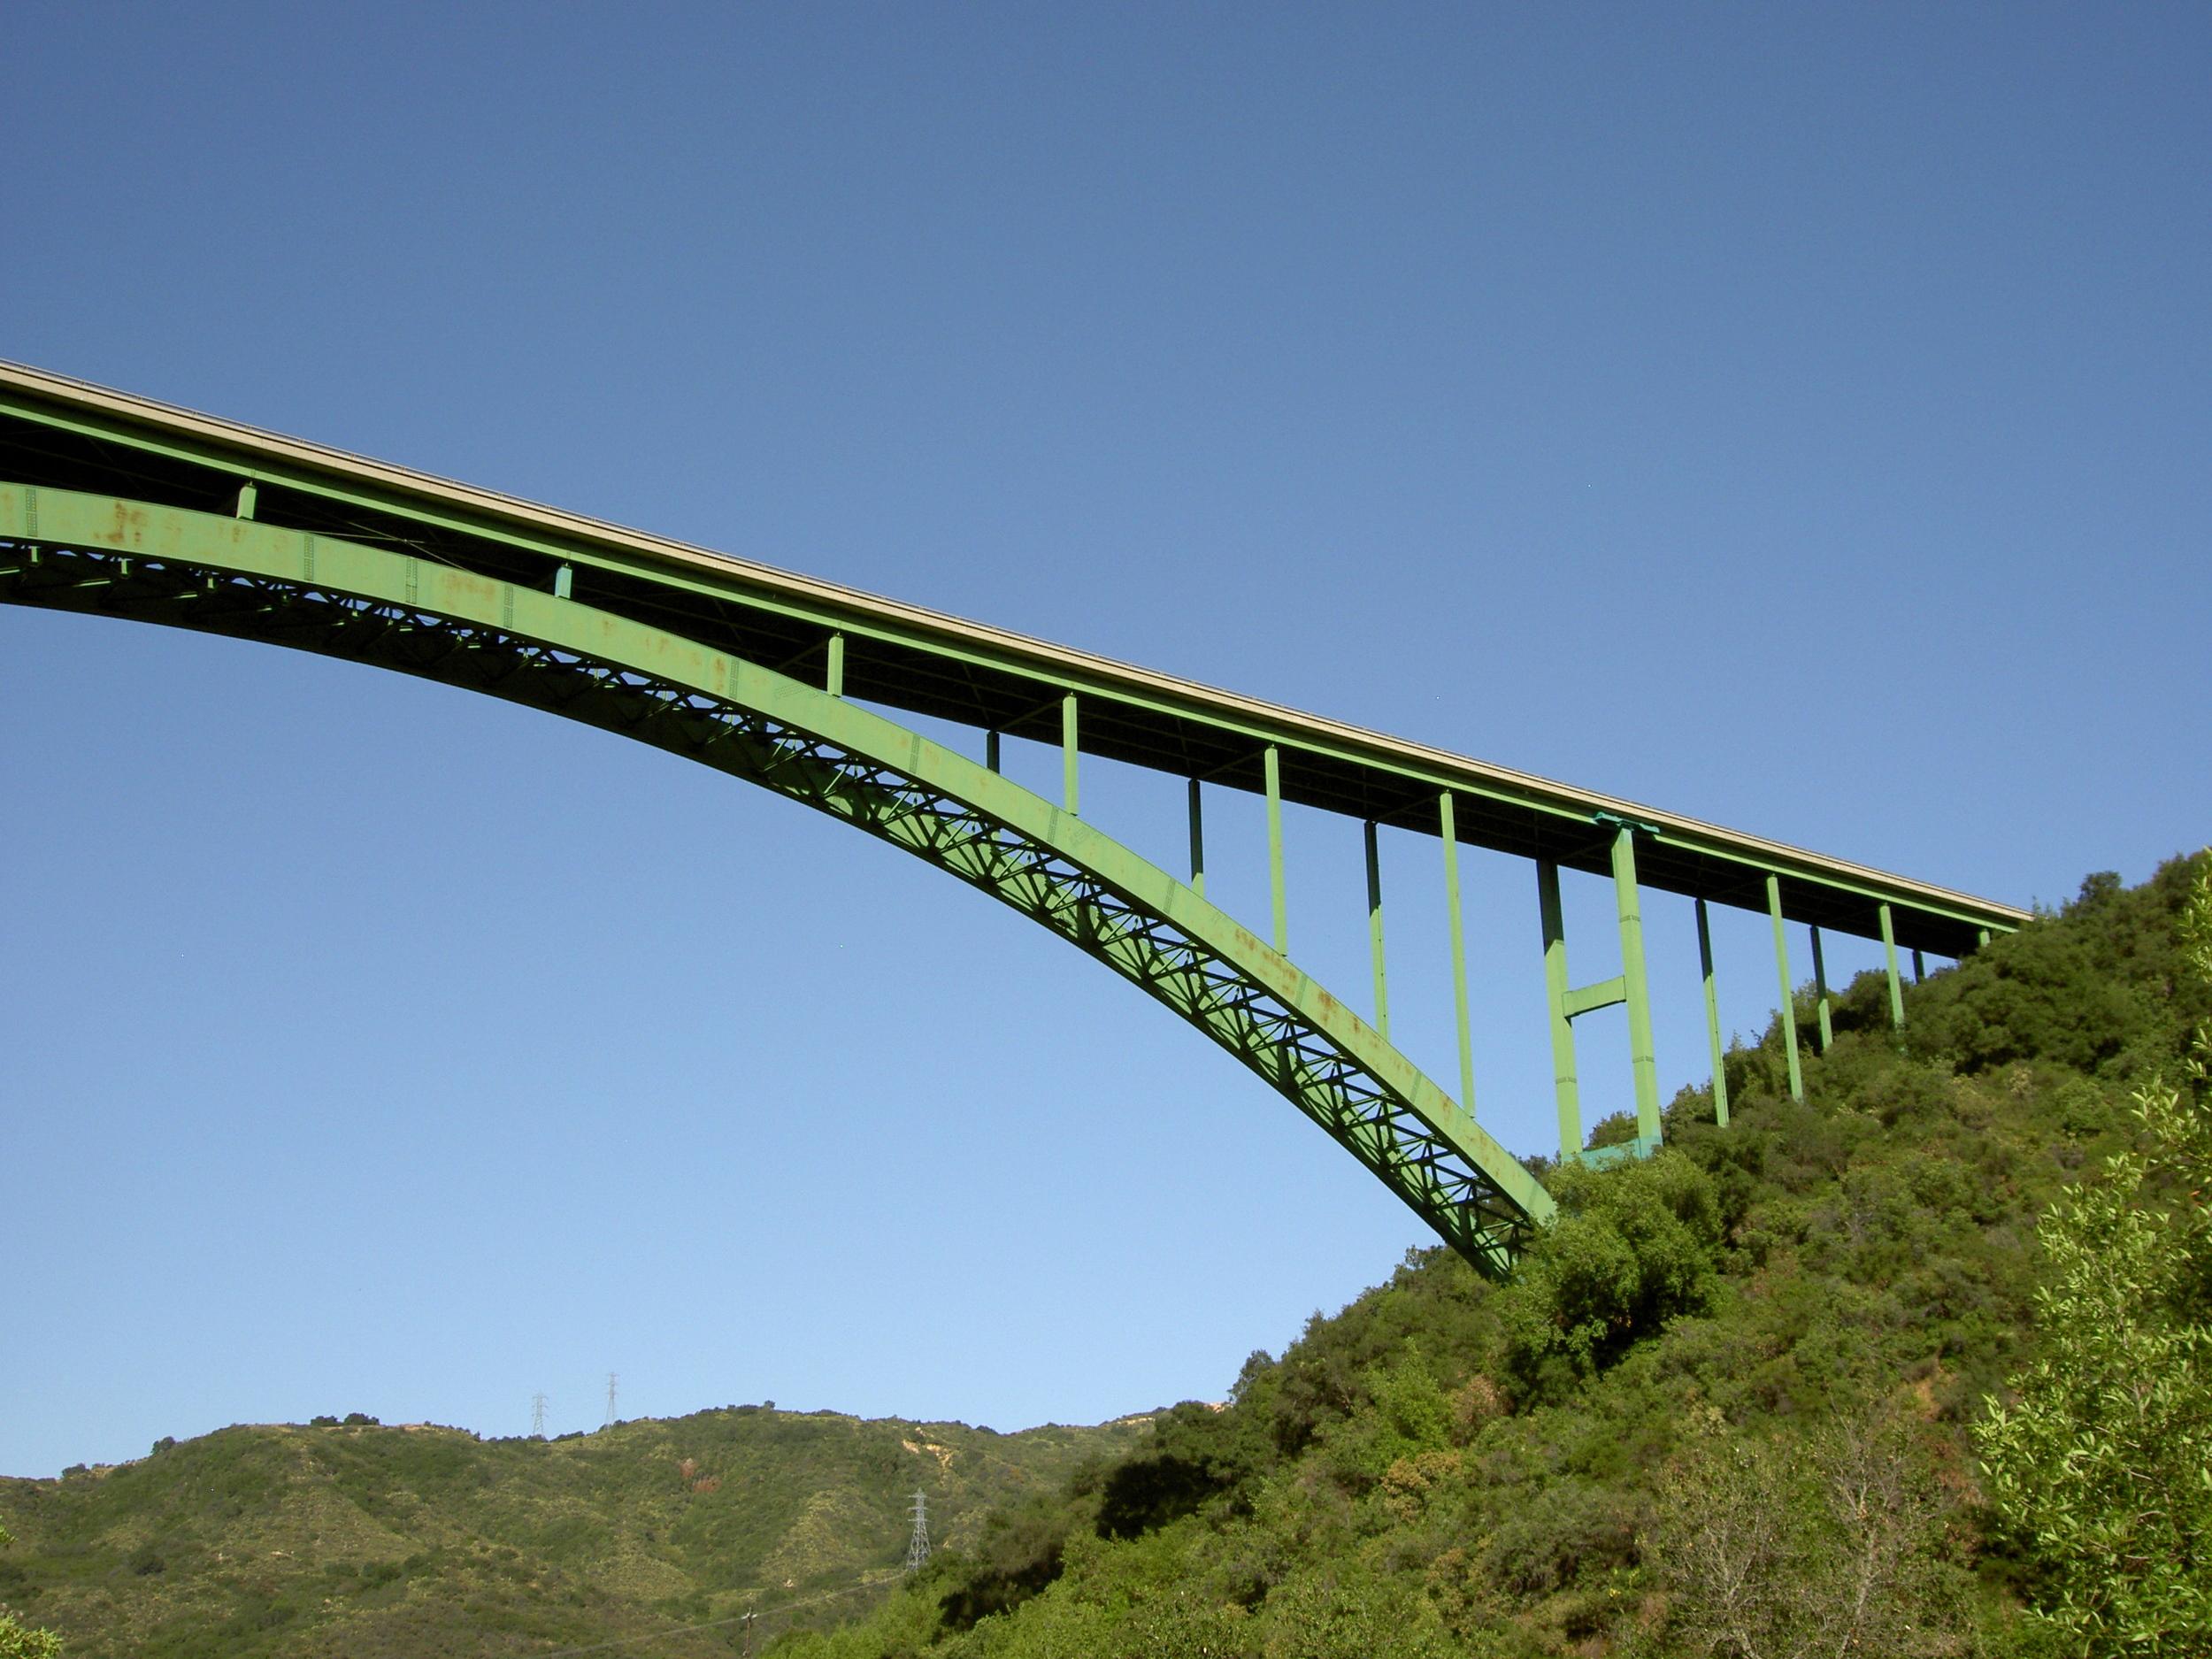 Cold_Spring_Canyon_Arch_Bridge.jpg